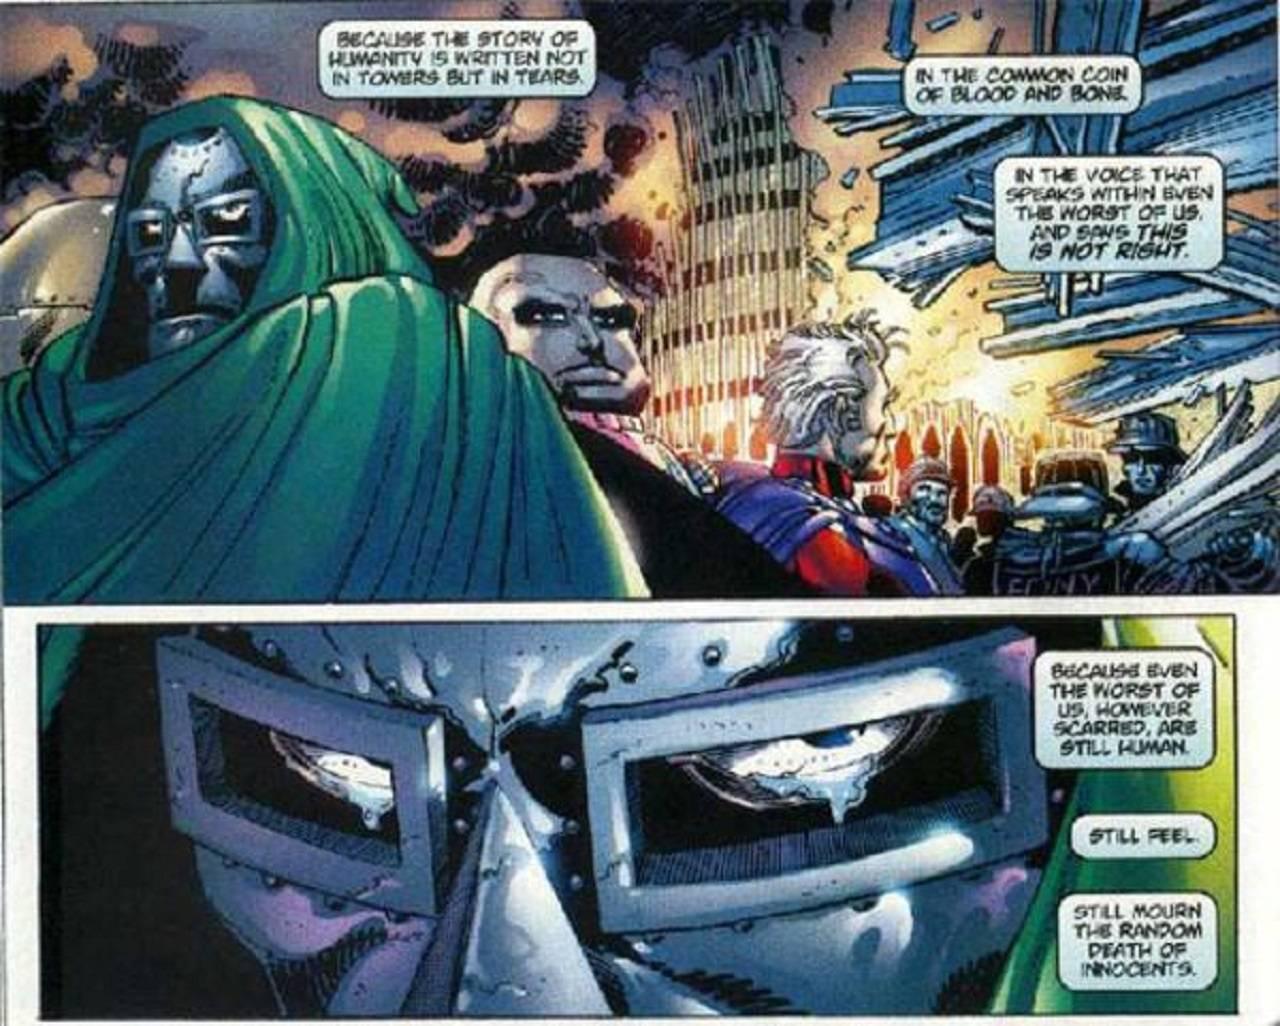 Marvel Comics Spider-Man Doctor Doom Torres Gemelas 9 Septiembre 2001